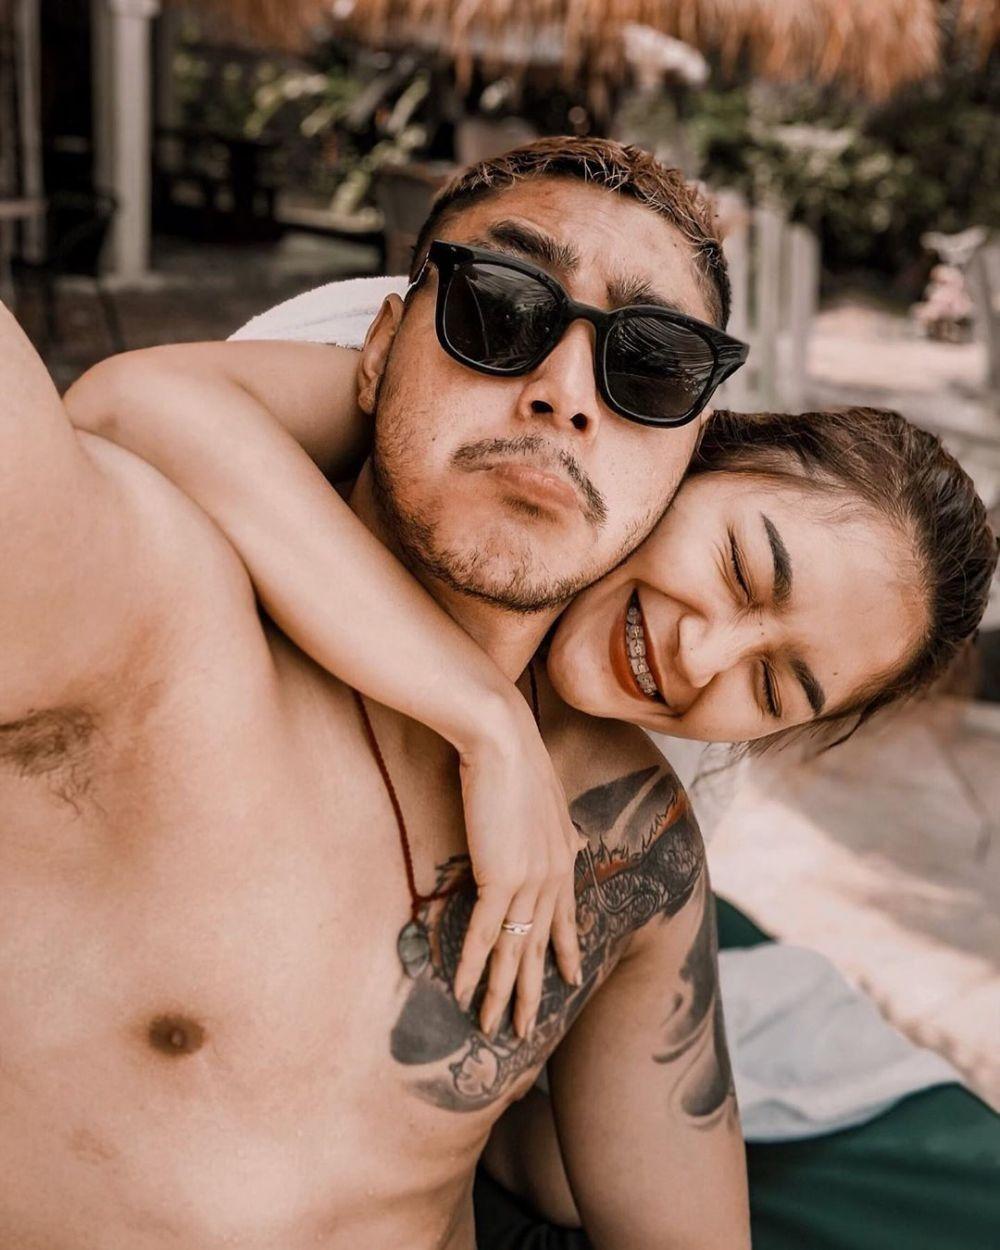 Pengantin Baru, Intip Mesranya Pernikahan Siti Badriah dan Suami